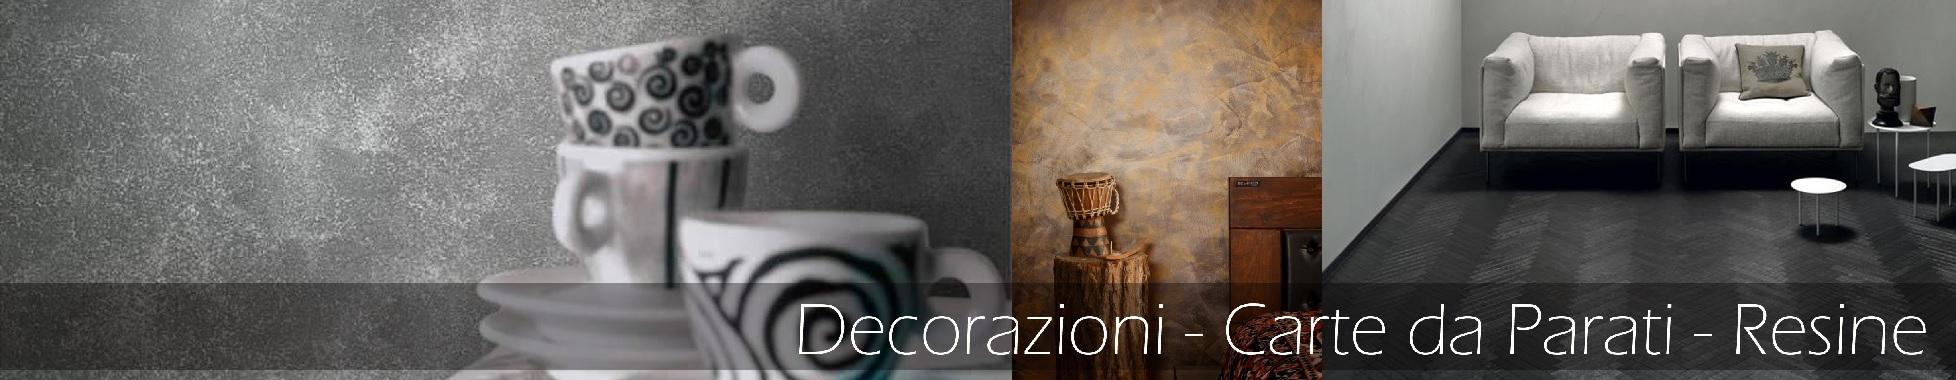 Pitture per interni decorazioni murali oikos boero giorgio graesan sigma torino - Decorazioni pitture per interni ...